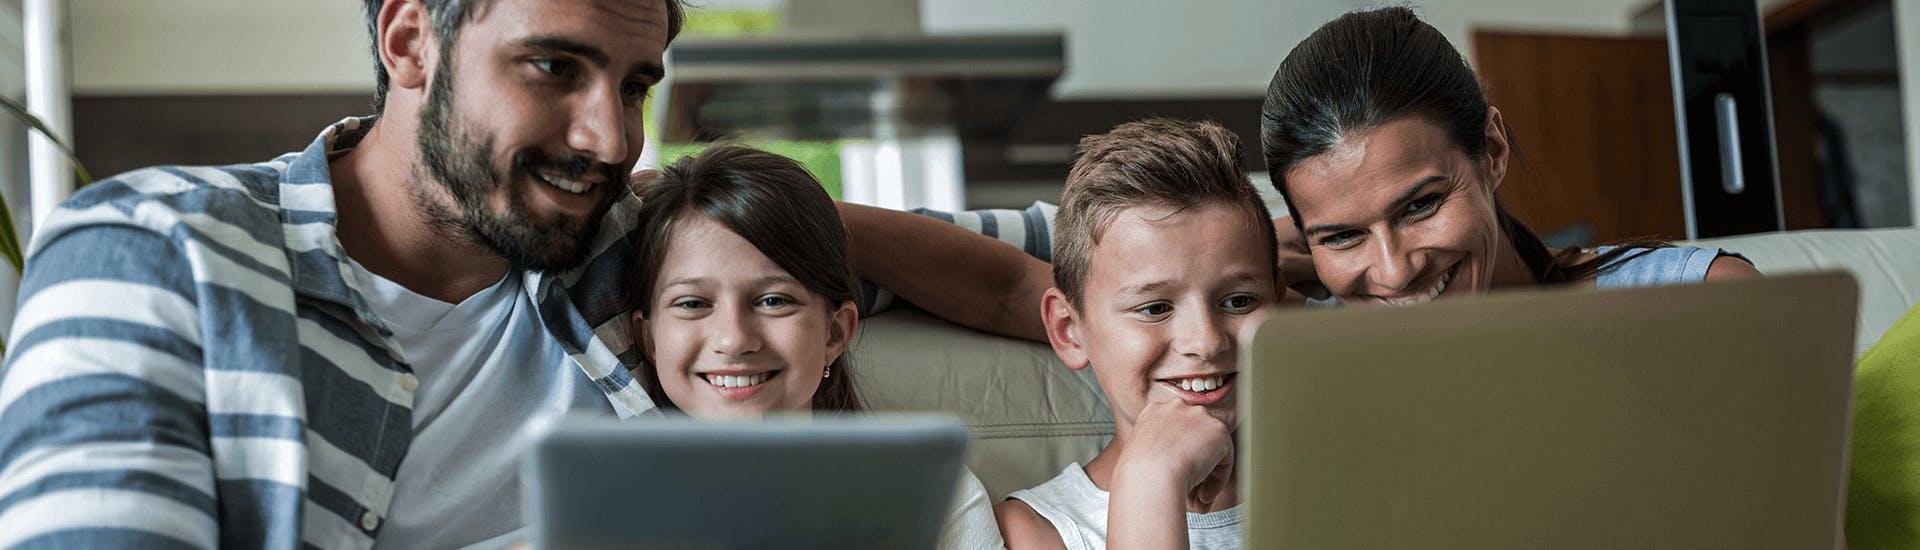 Une famille ensemble sur un canapé regarde en souriant un ordinateur portable et une tablette